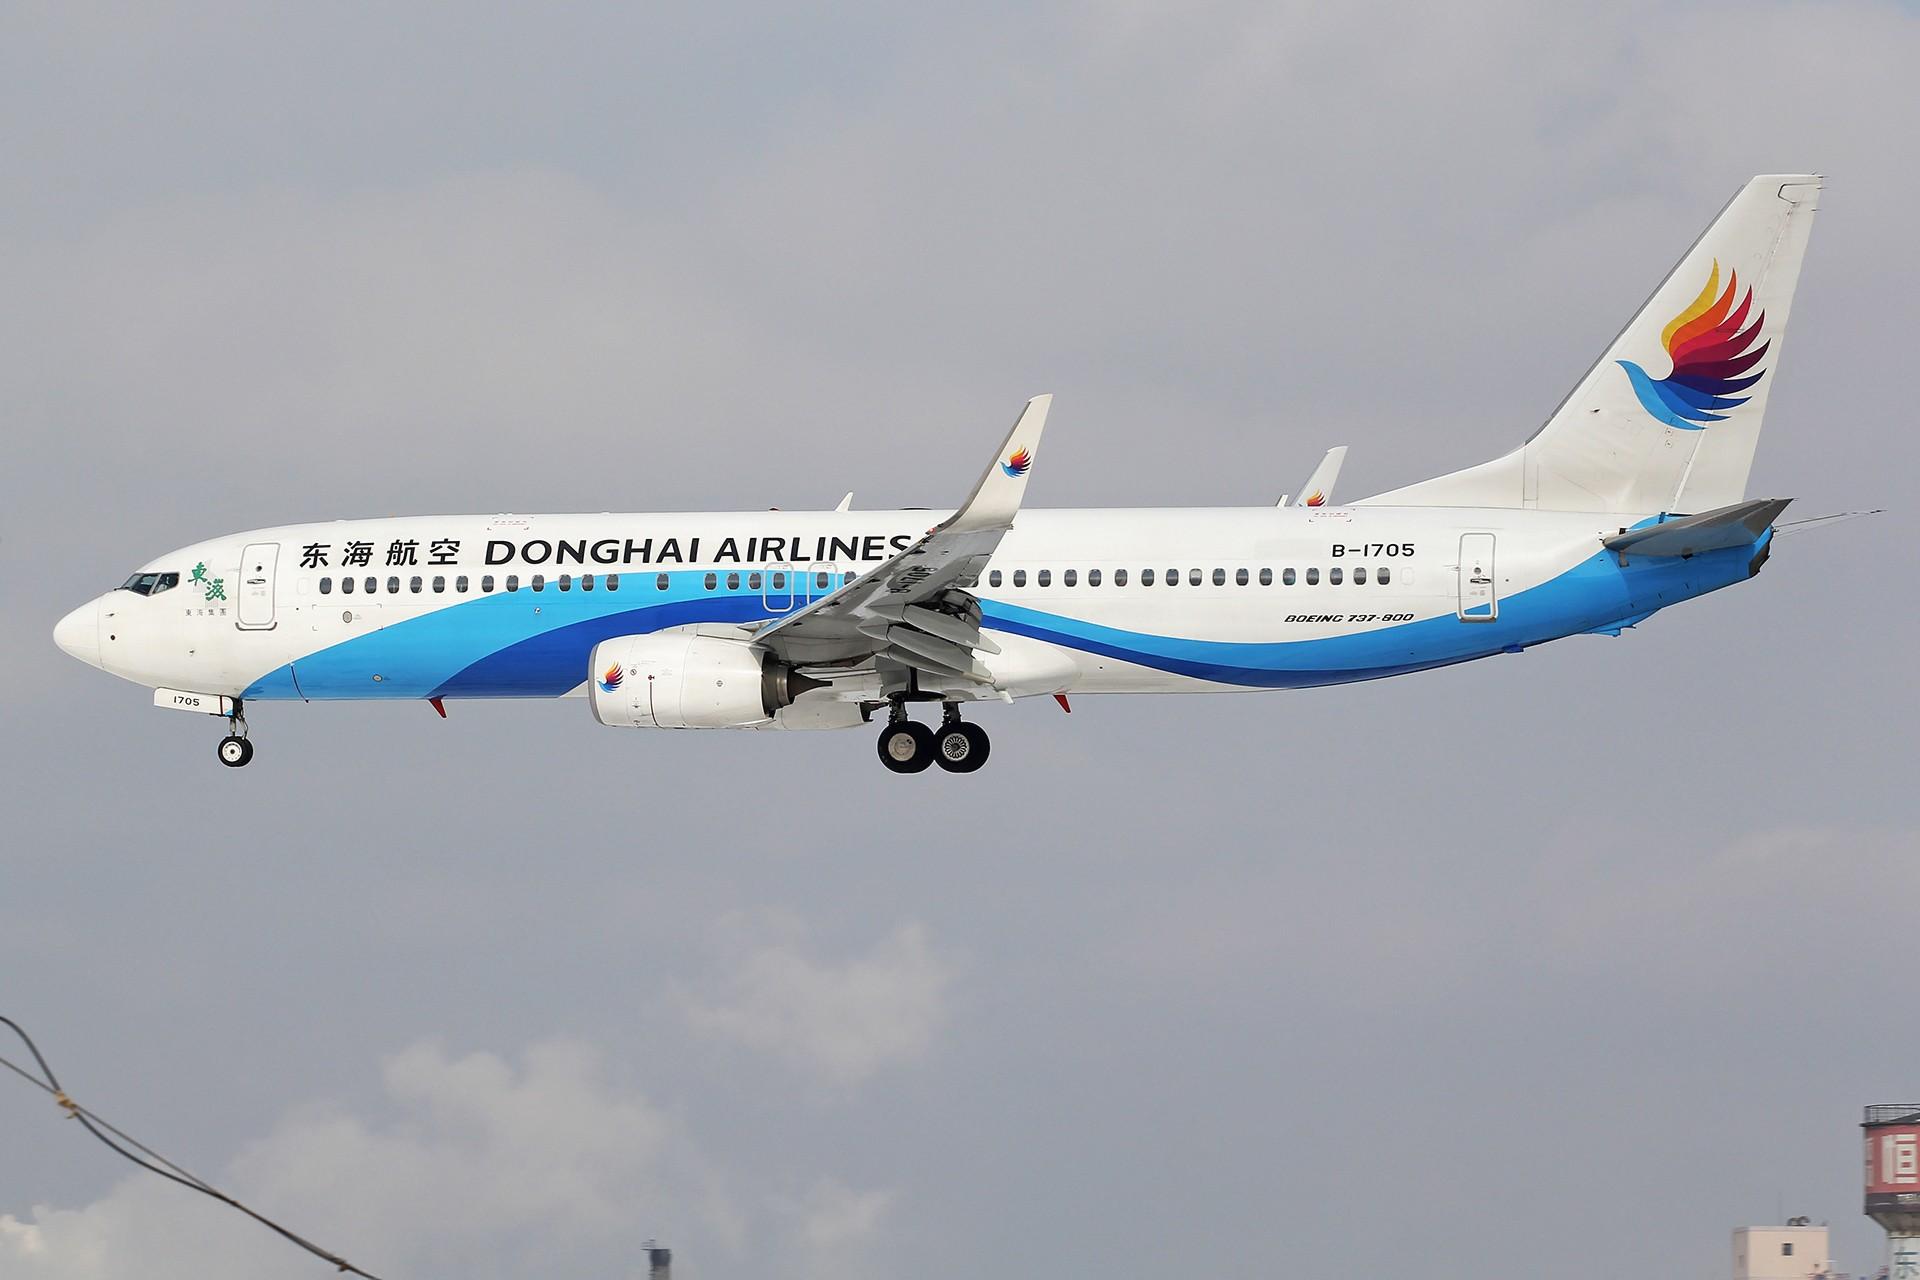 Re:[原创][原创][DLC]。。。DLC雪。。。 BOEING 737-800 B-1705 中国大连国际机场